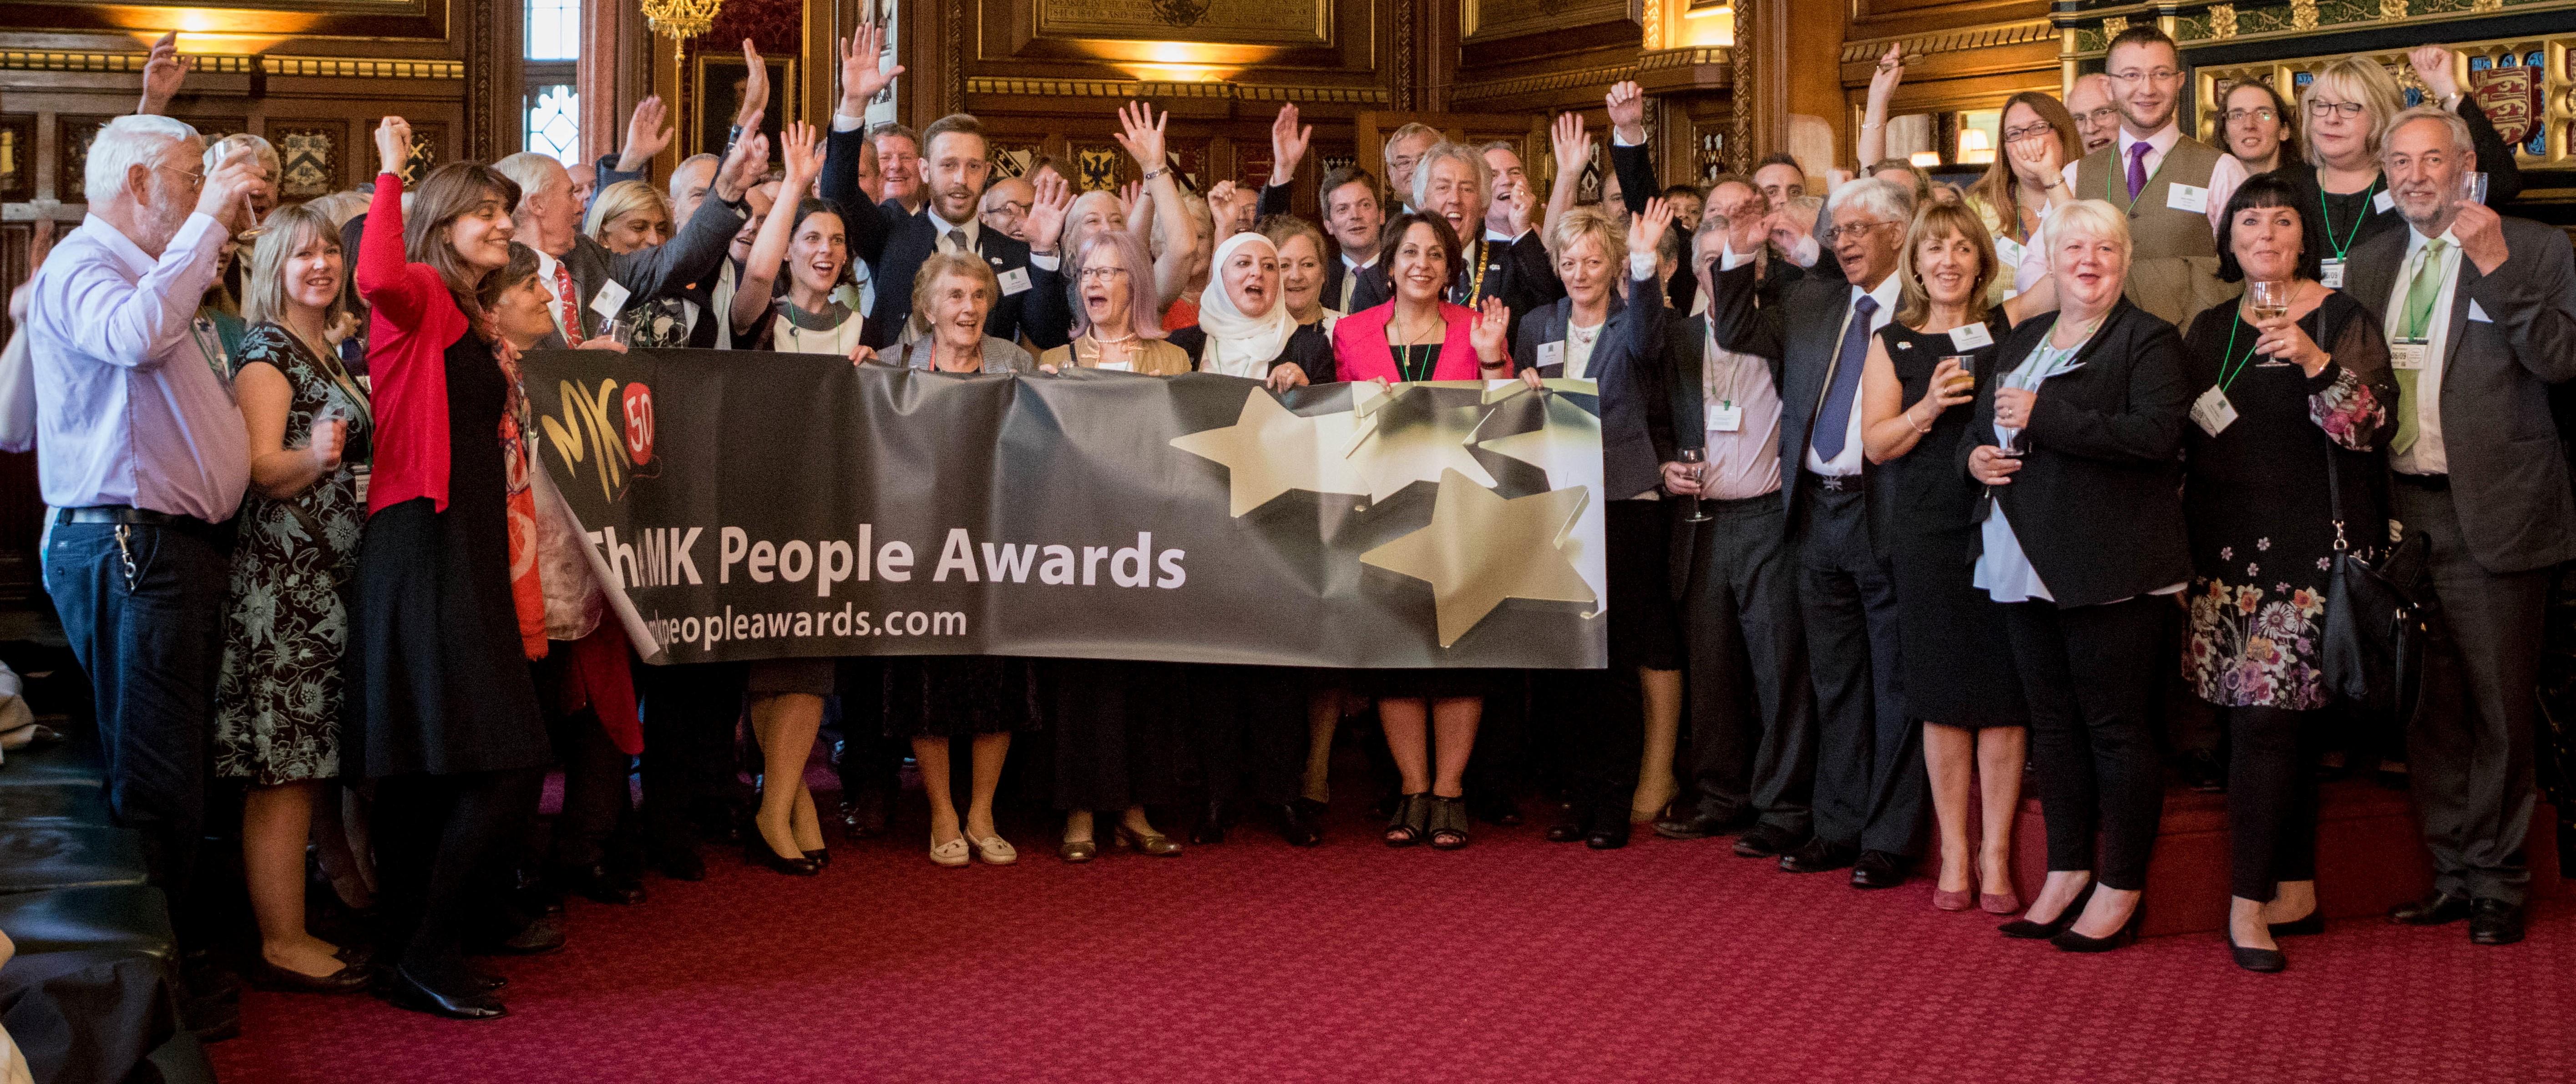 MK People Awards Pic